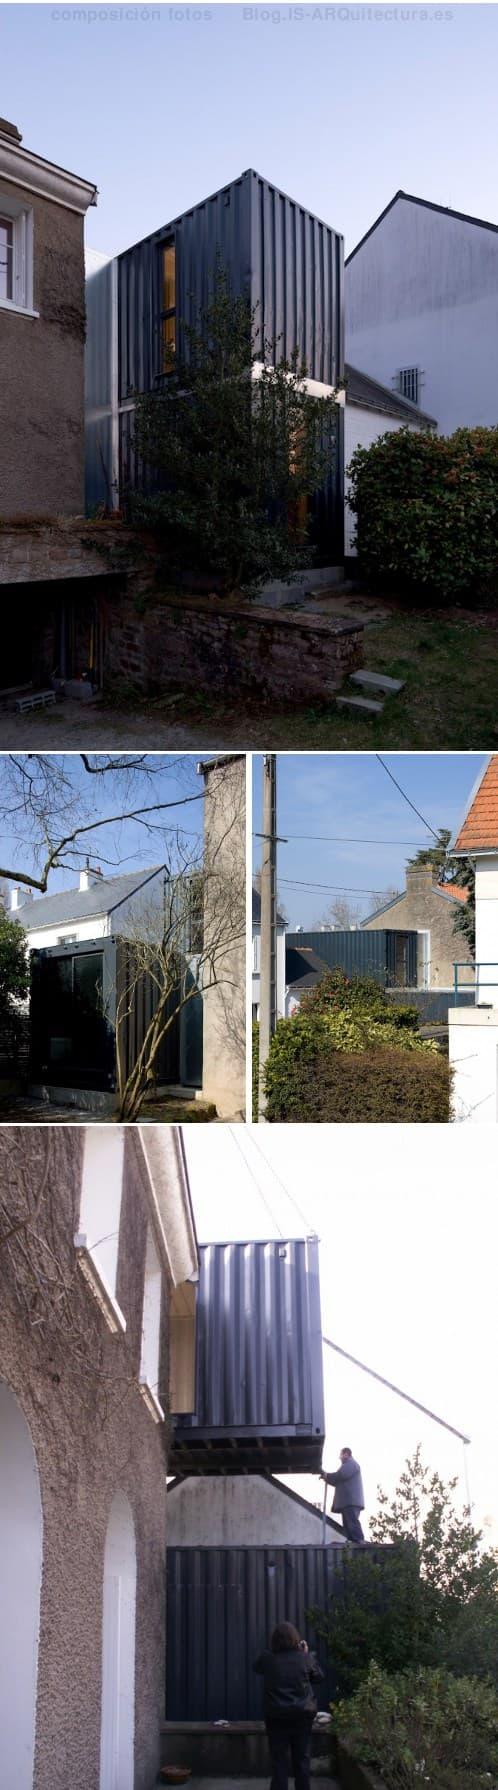 ampliacion-casa-con-contenedores fotos exterior